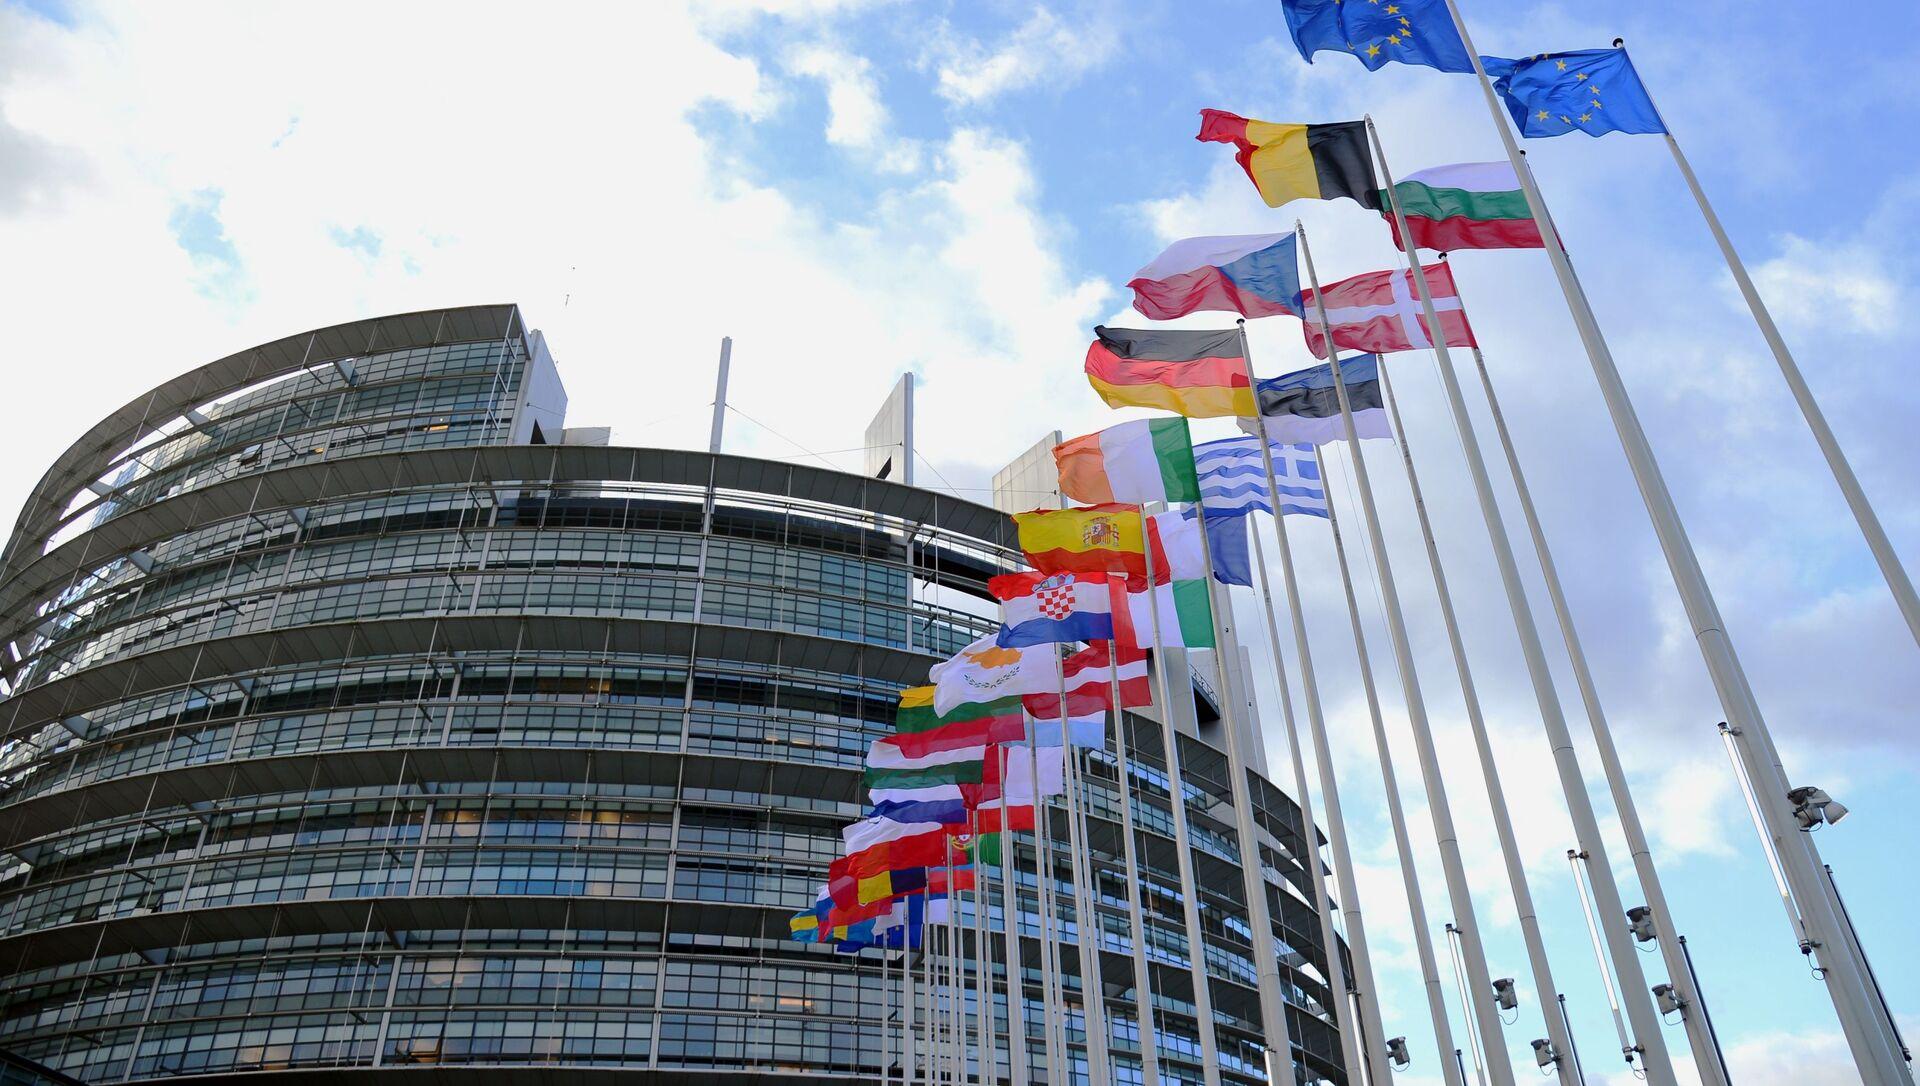 Flagi krajów UE przed budynkiem Parlamentu Europejskiego w Strasburgu. - Sputnik Polska, 1920, 17.05.2021